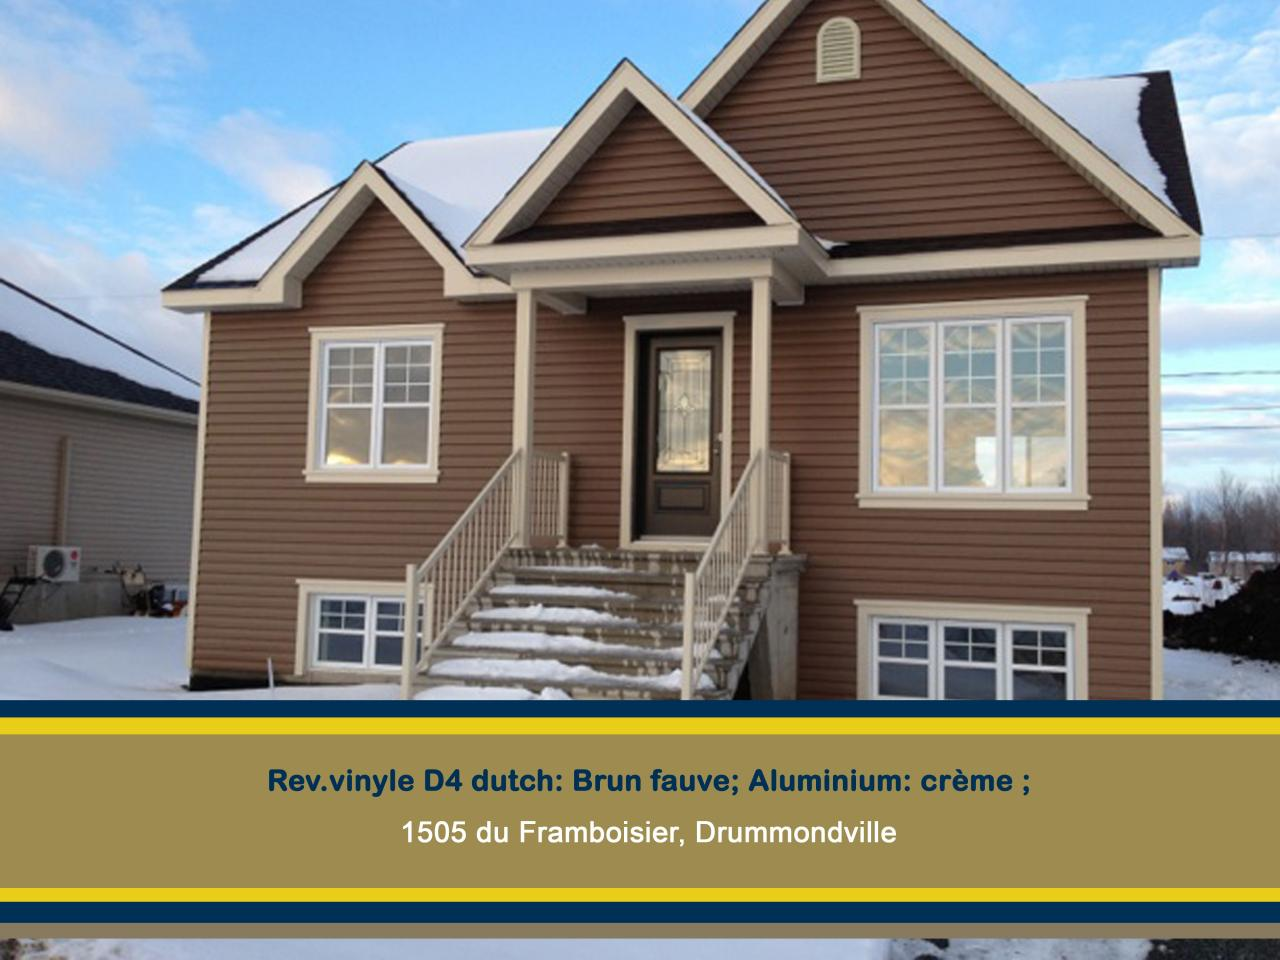 1505 du Framboisier Drummondville